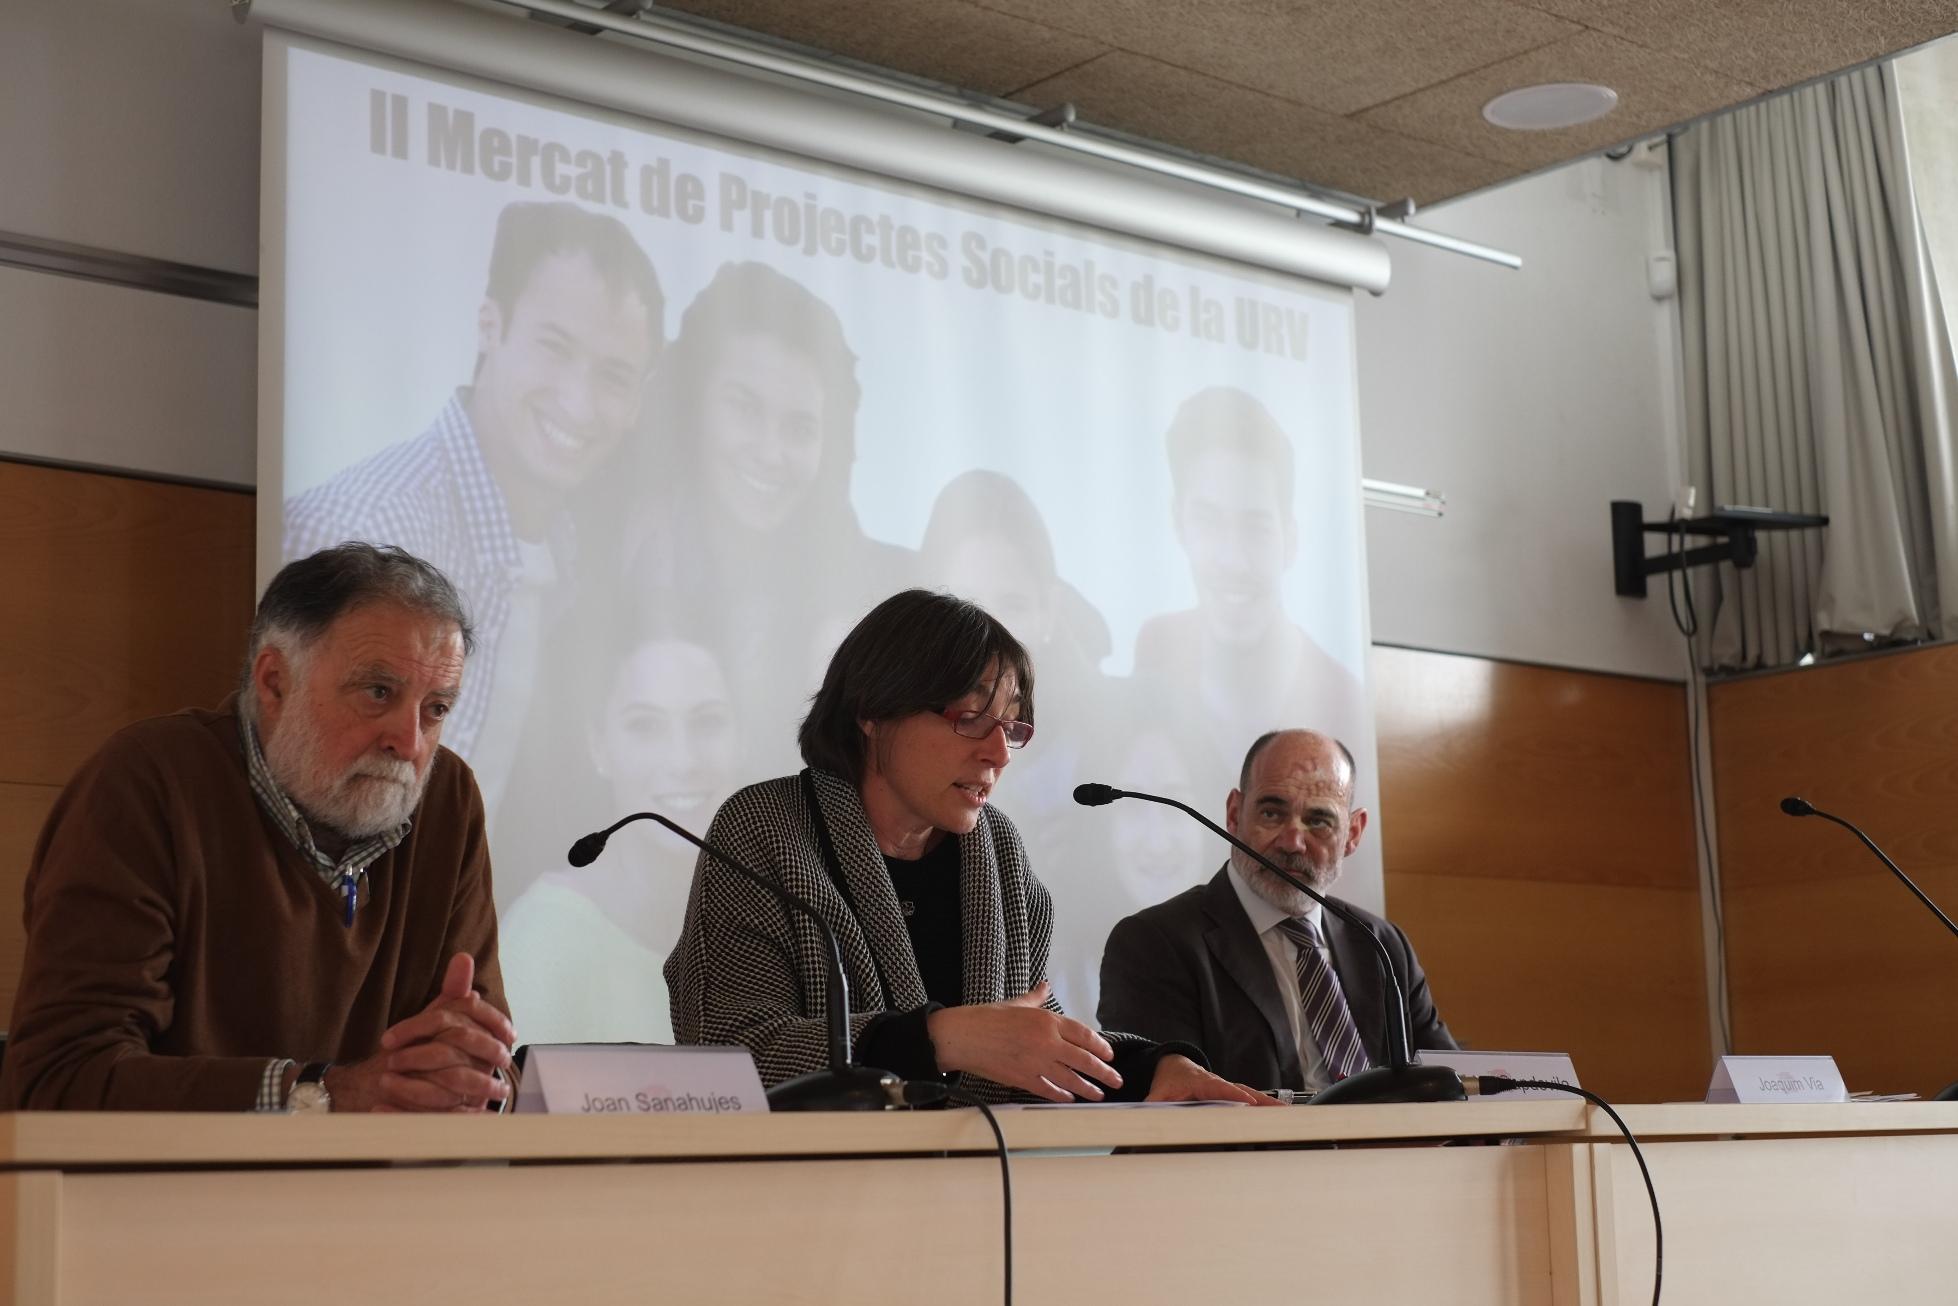 La presentació del Mercat, amb la vicerectora de Docència, Estudiants i Comunitat Universitària;  Joan Sanahujes, regidor d'ensenyament a Tarragona i Joaquim Via, membre del Consell Social de la URV.